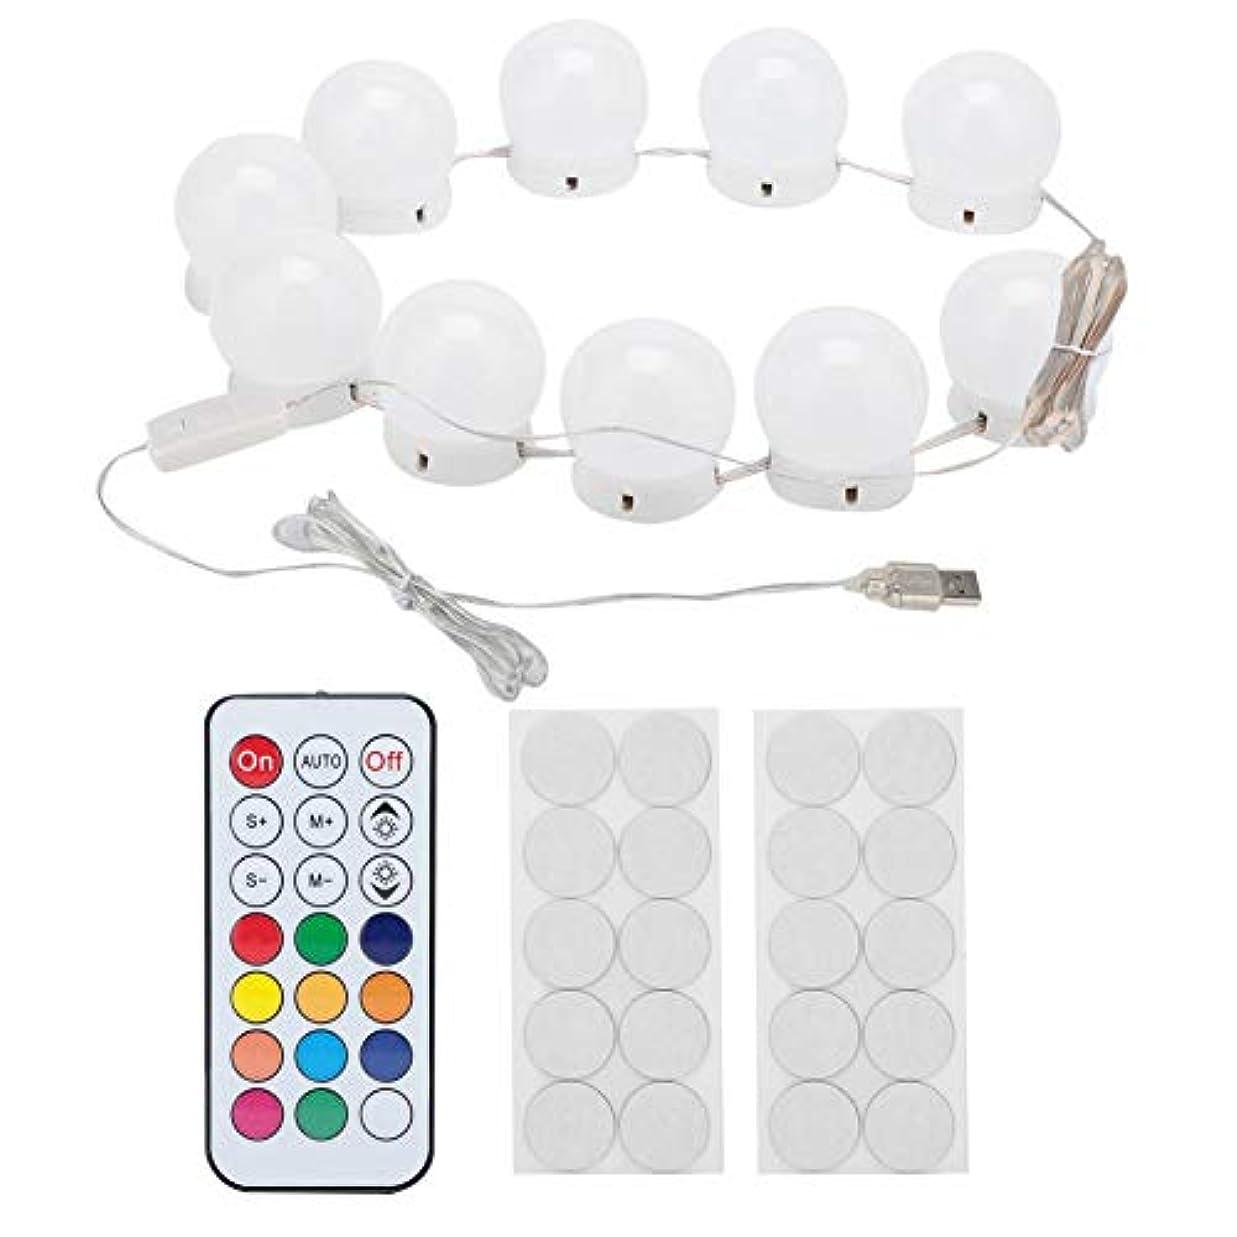 化粧鏡ラ??イトキット 10 LED付き調 光ライトストリング電球バニティライト バスルーム 化粧鏡に最適